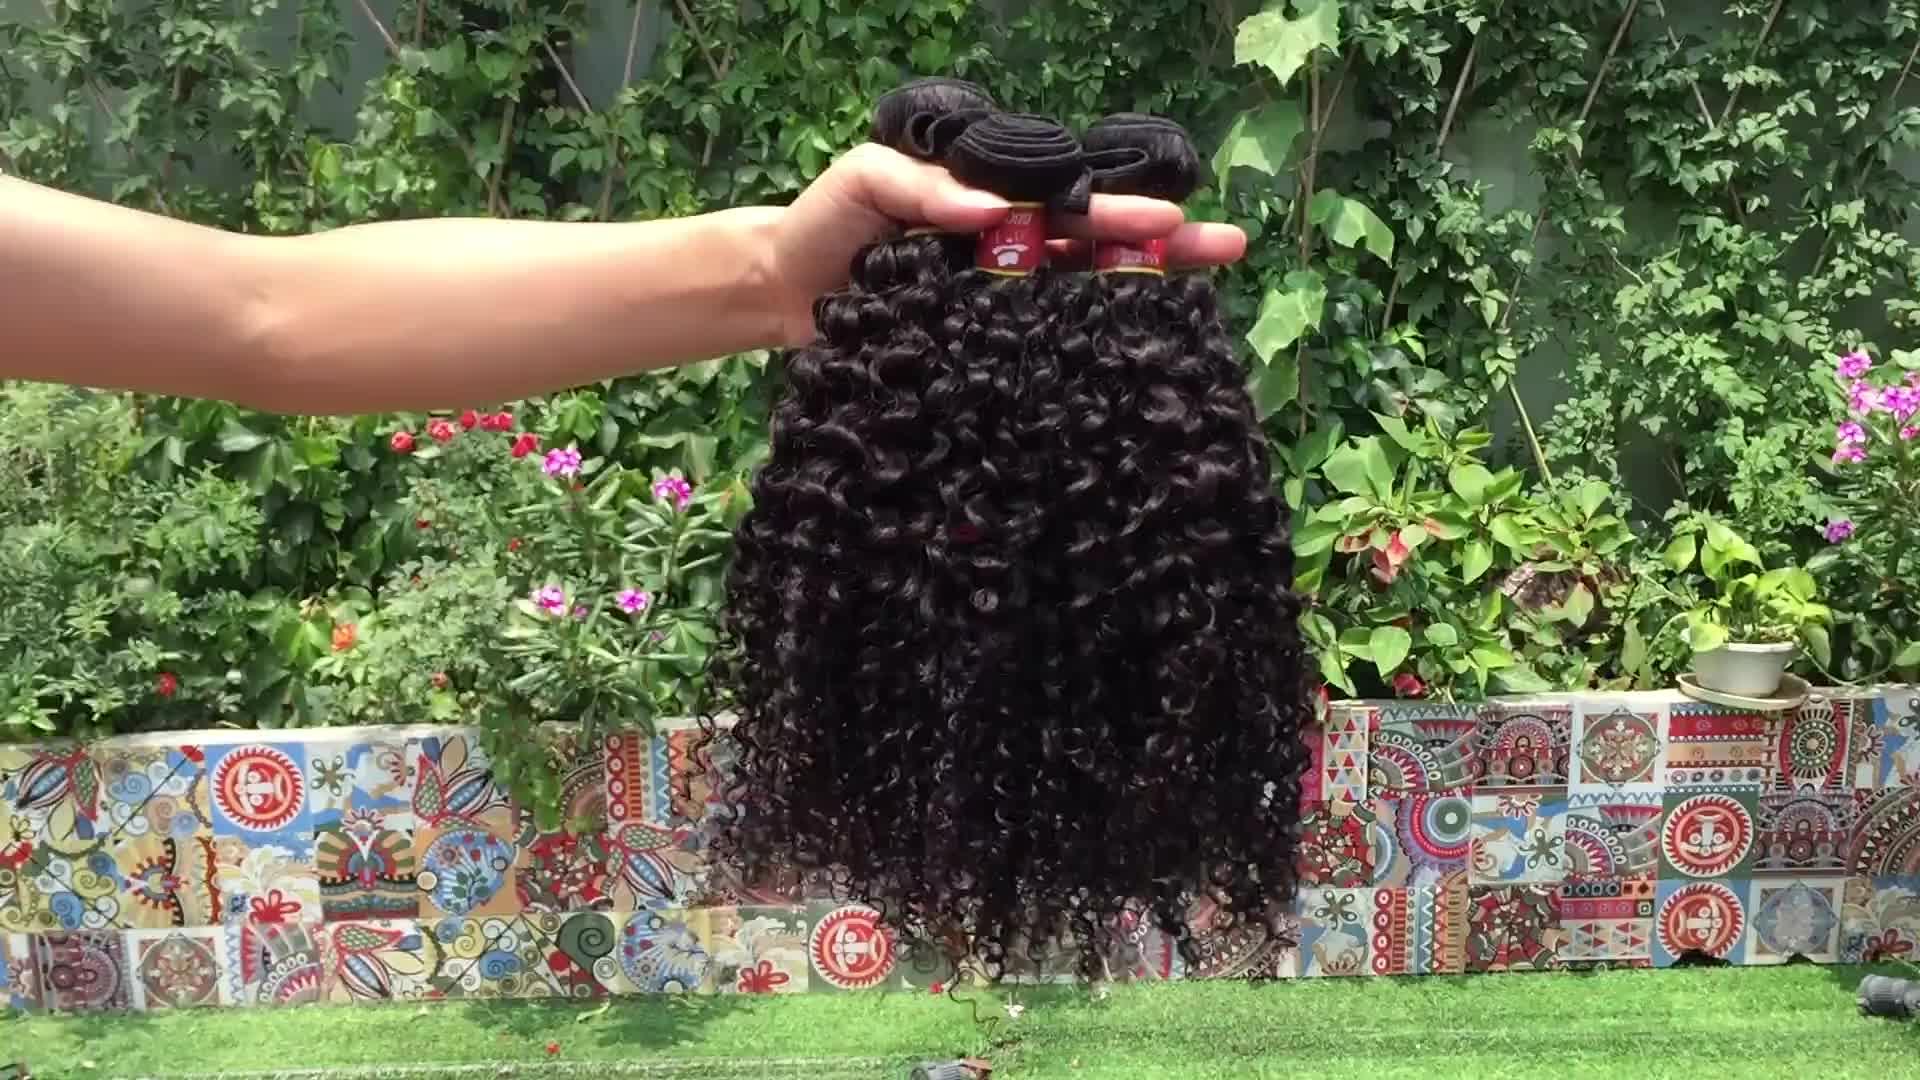 未処理のバージンヘアペルー、織物バンドルペルーとブラジル人毛、変態カーリーマイクロループヘアエクステンション